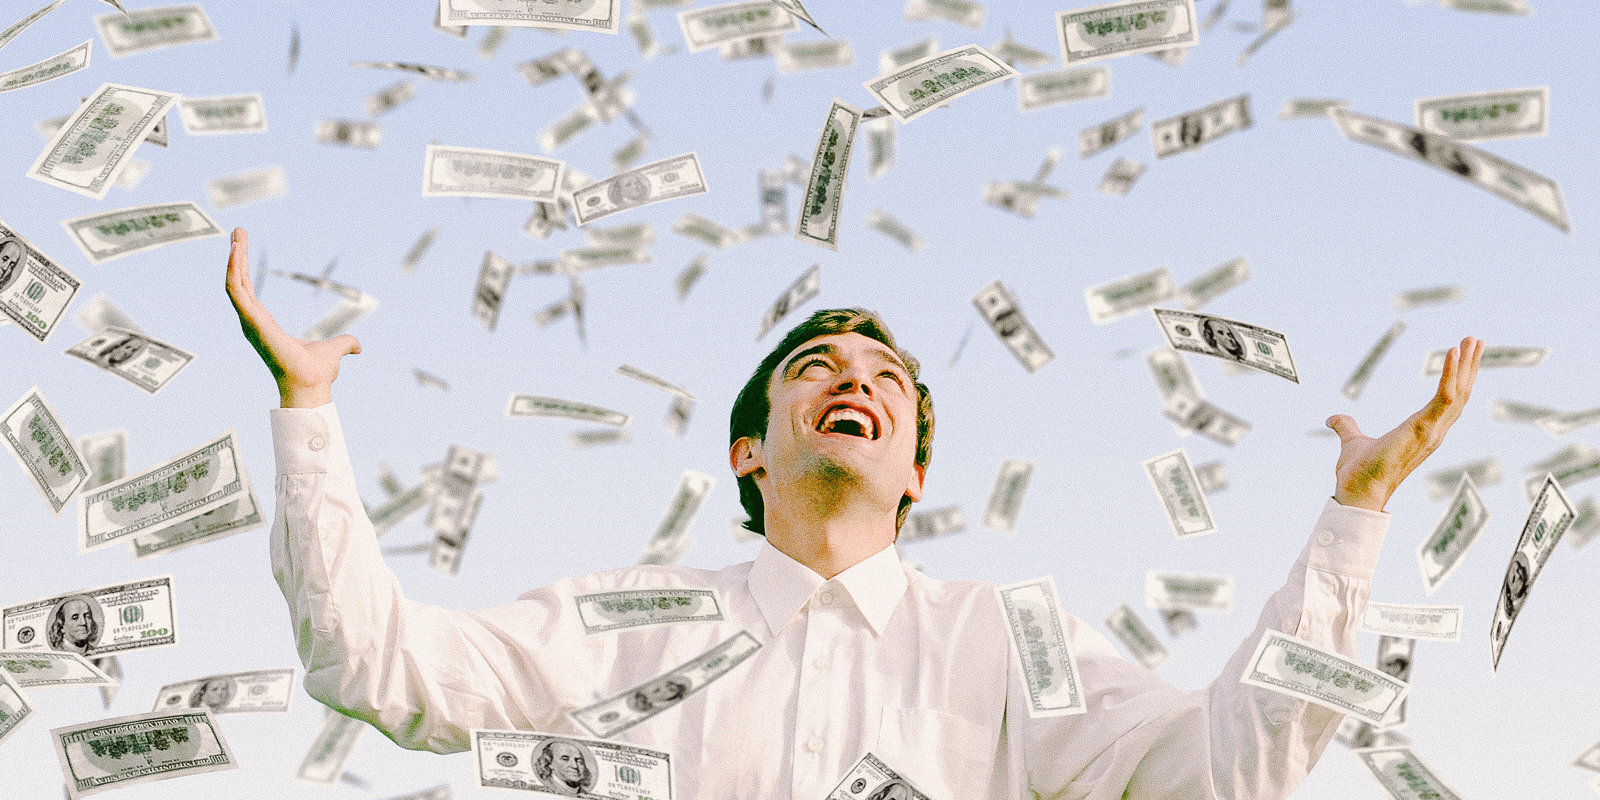 Neko nedari un pelni miljonus: kas slēpjas aiz finanšu piramīdu solījumiem